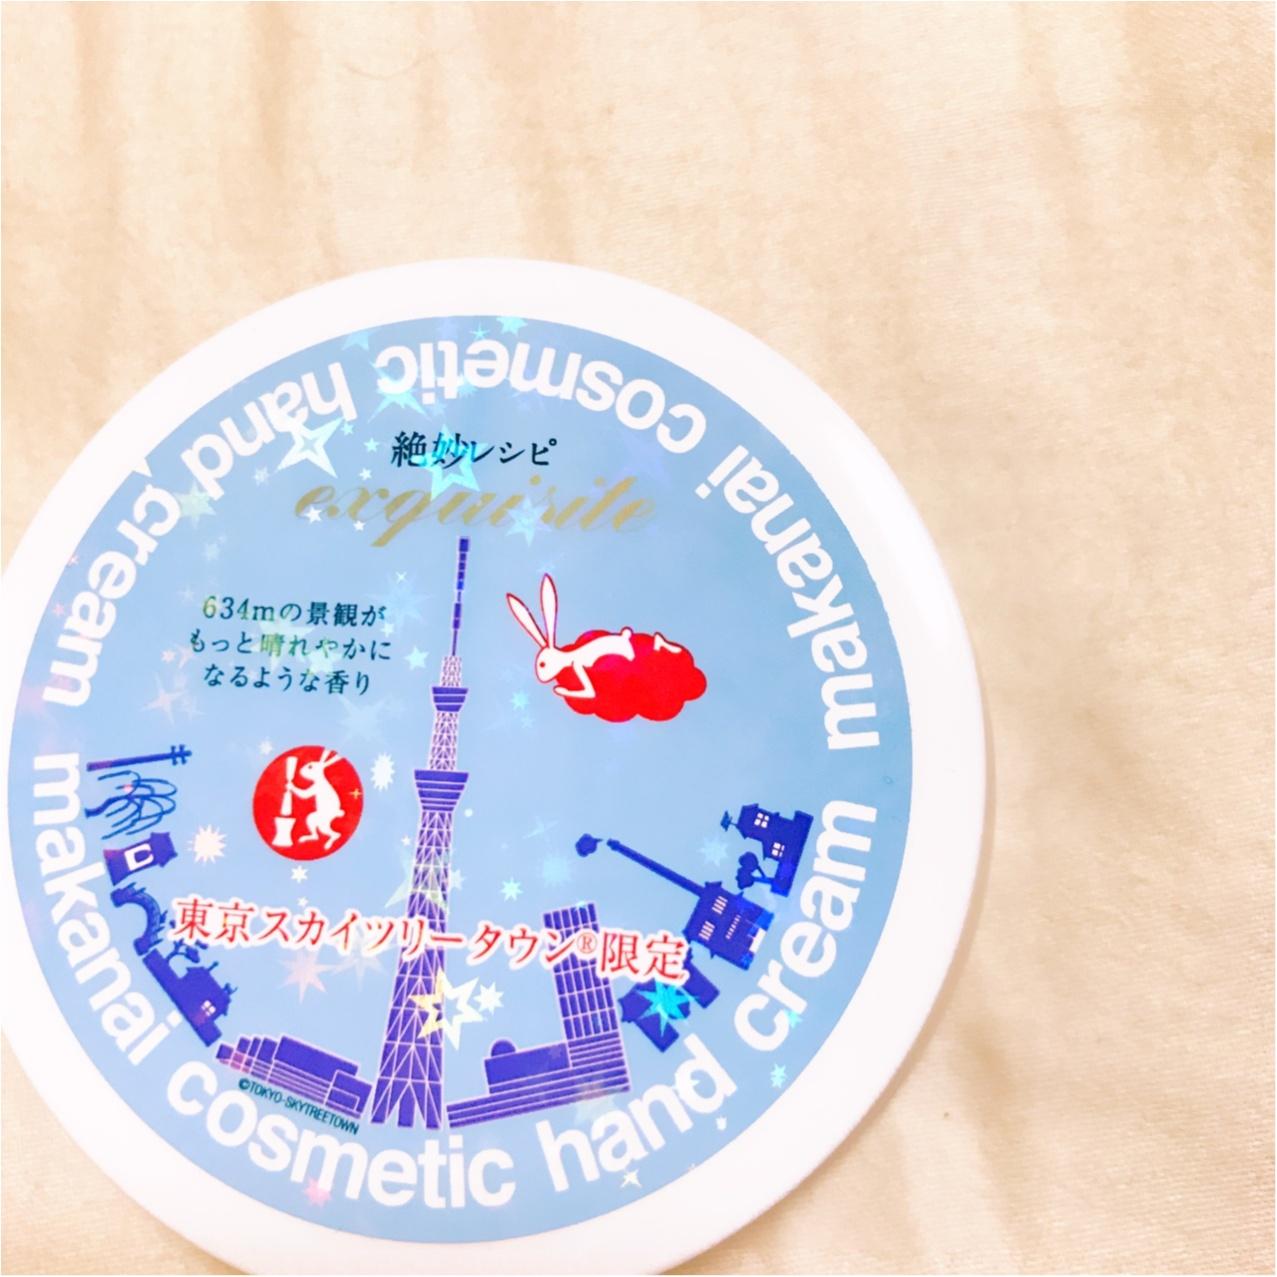 お土産にもおすすめ♡【まかないこすめ】の大人気ハンドクリーム!東京スカイツリー限定の香りって?_1